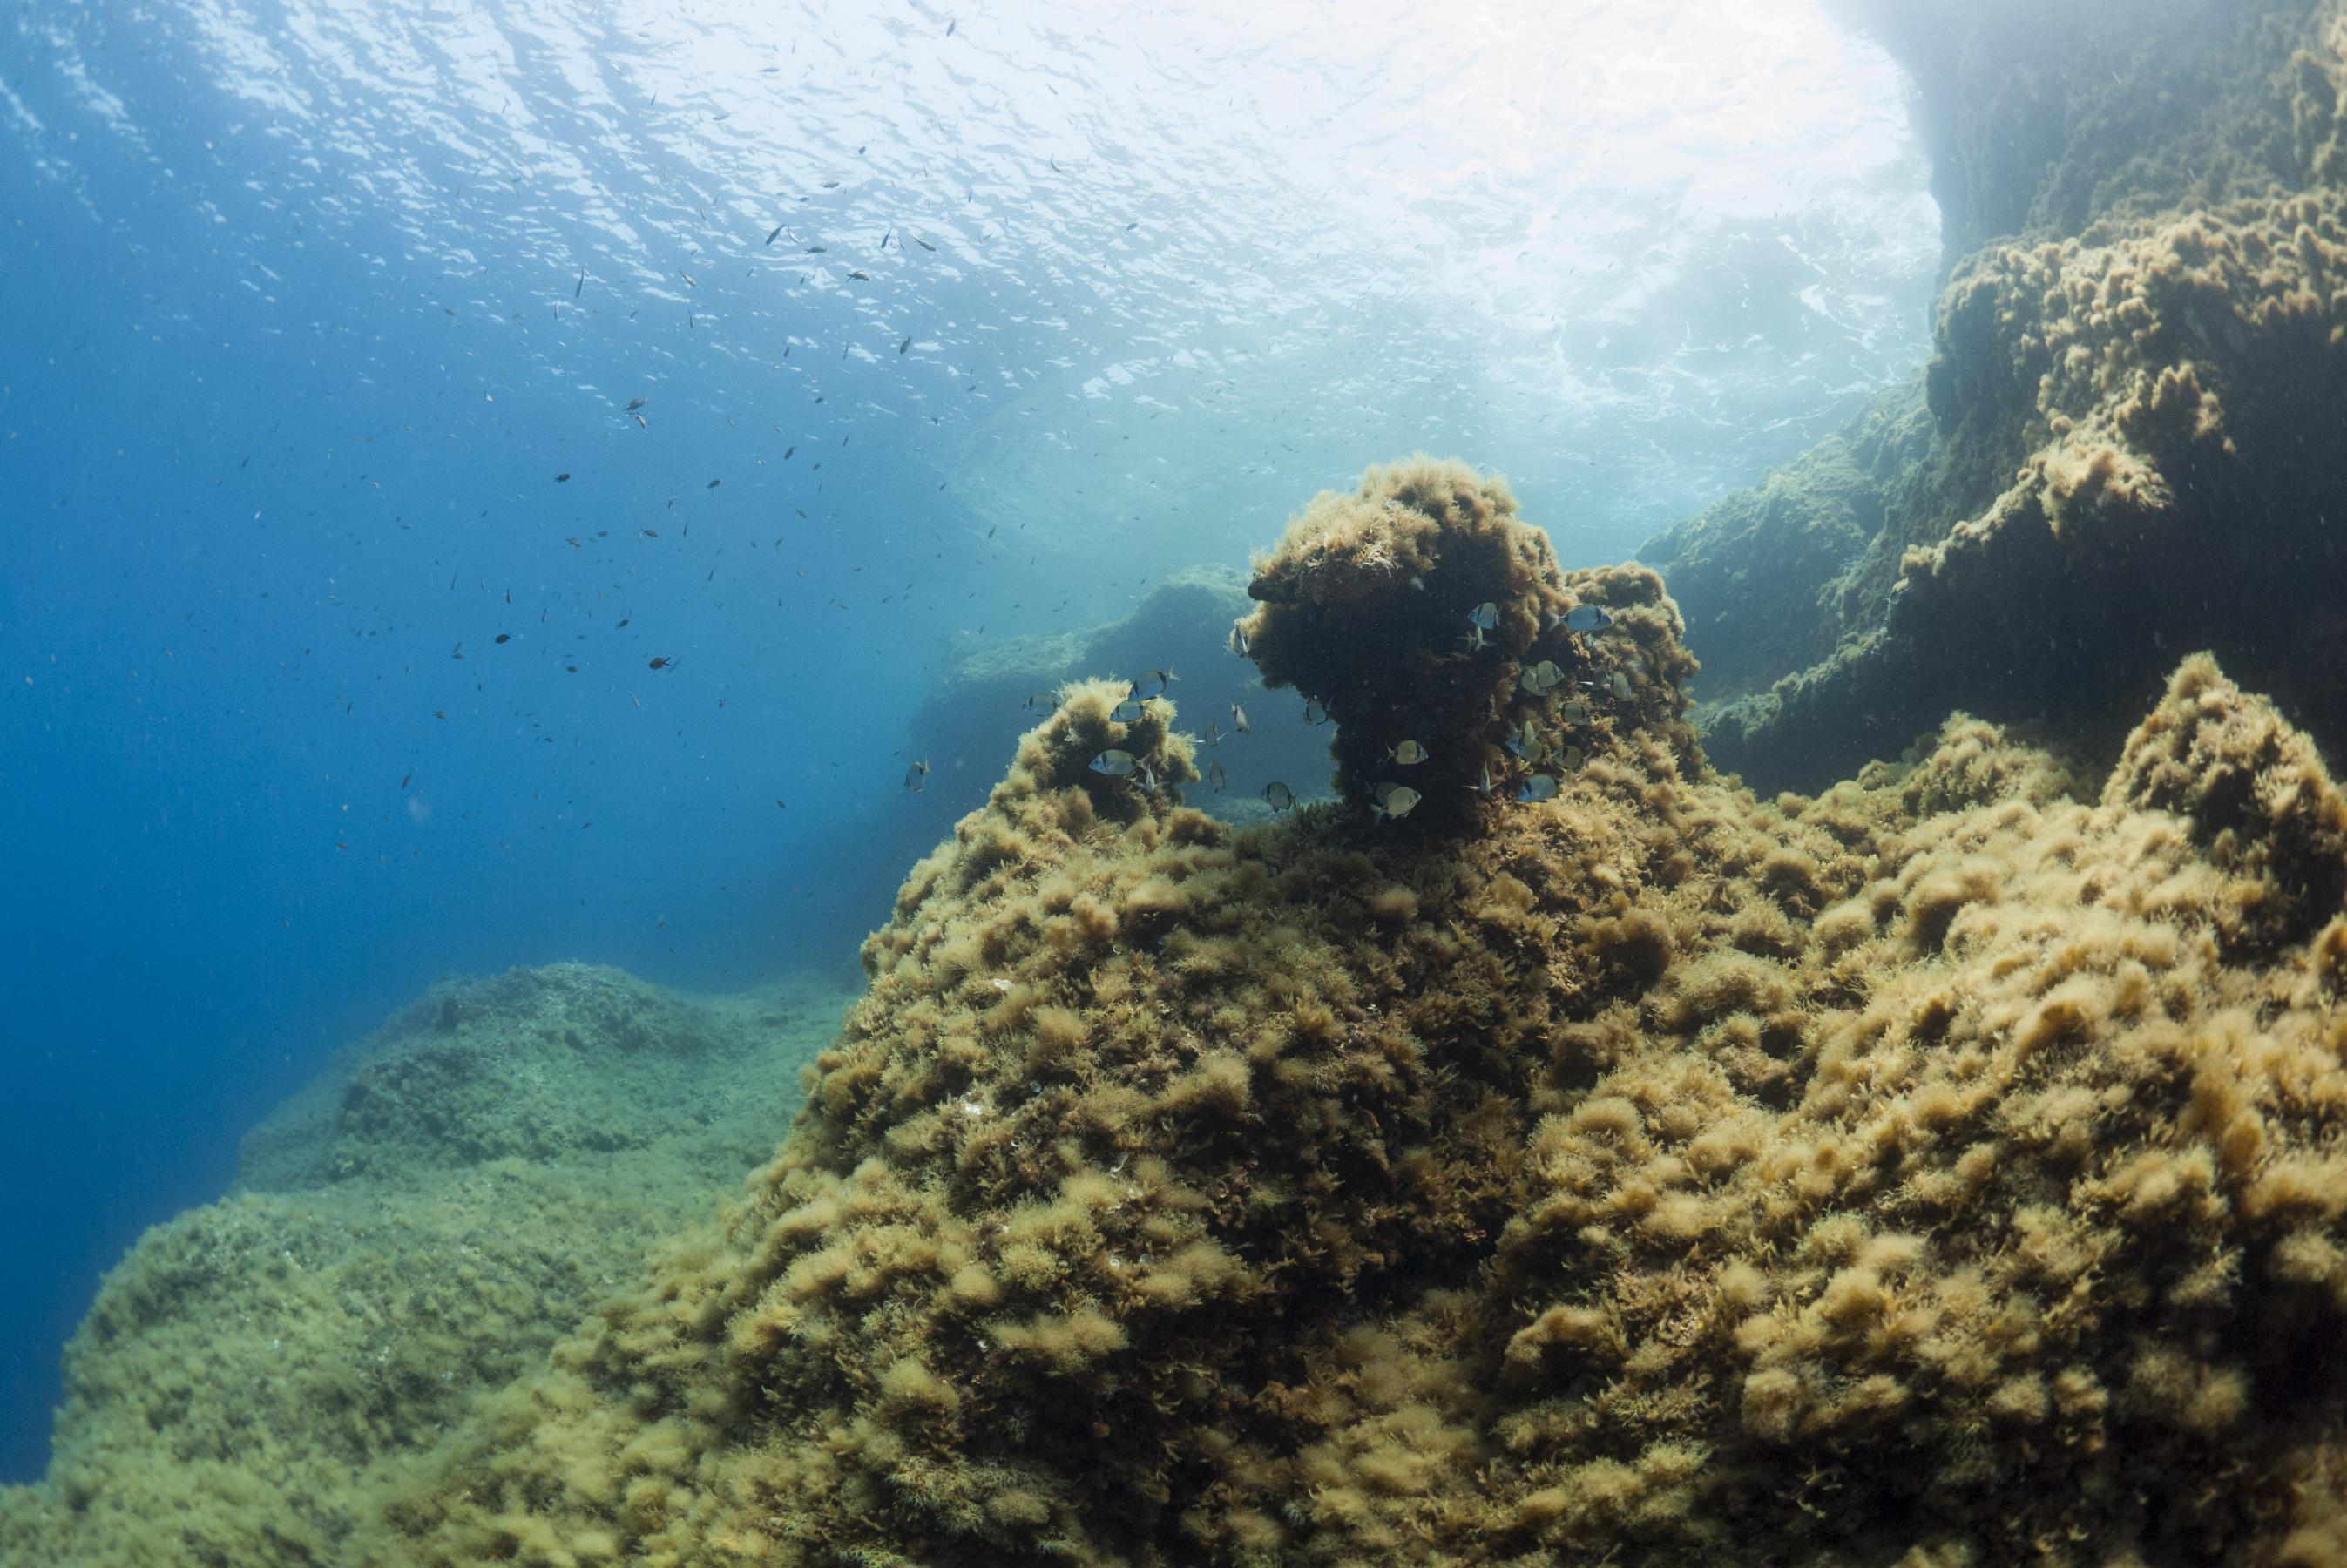 Cirkewwa reef